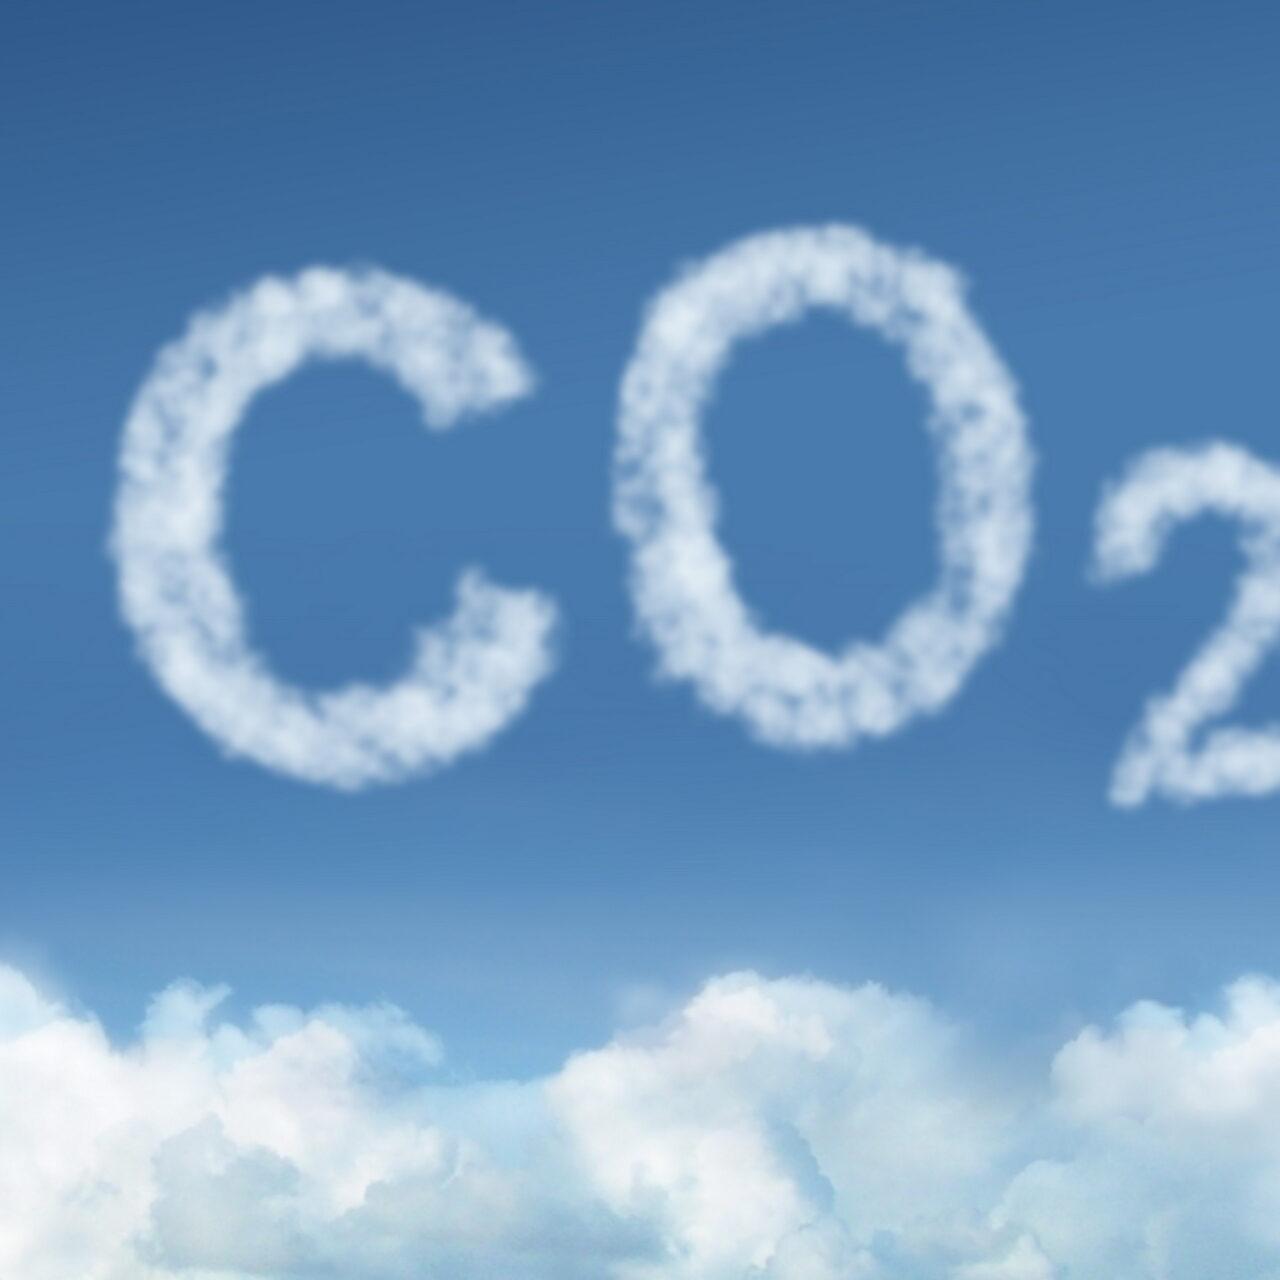 DWS Invest Low Carbon Bonds amStart